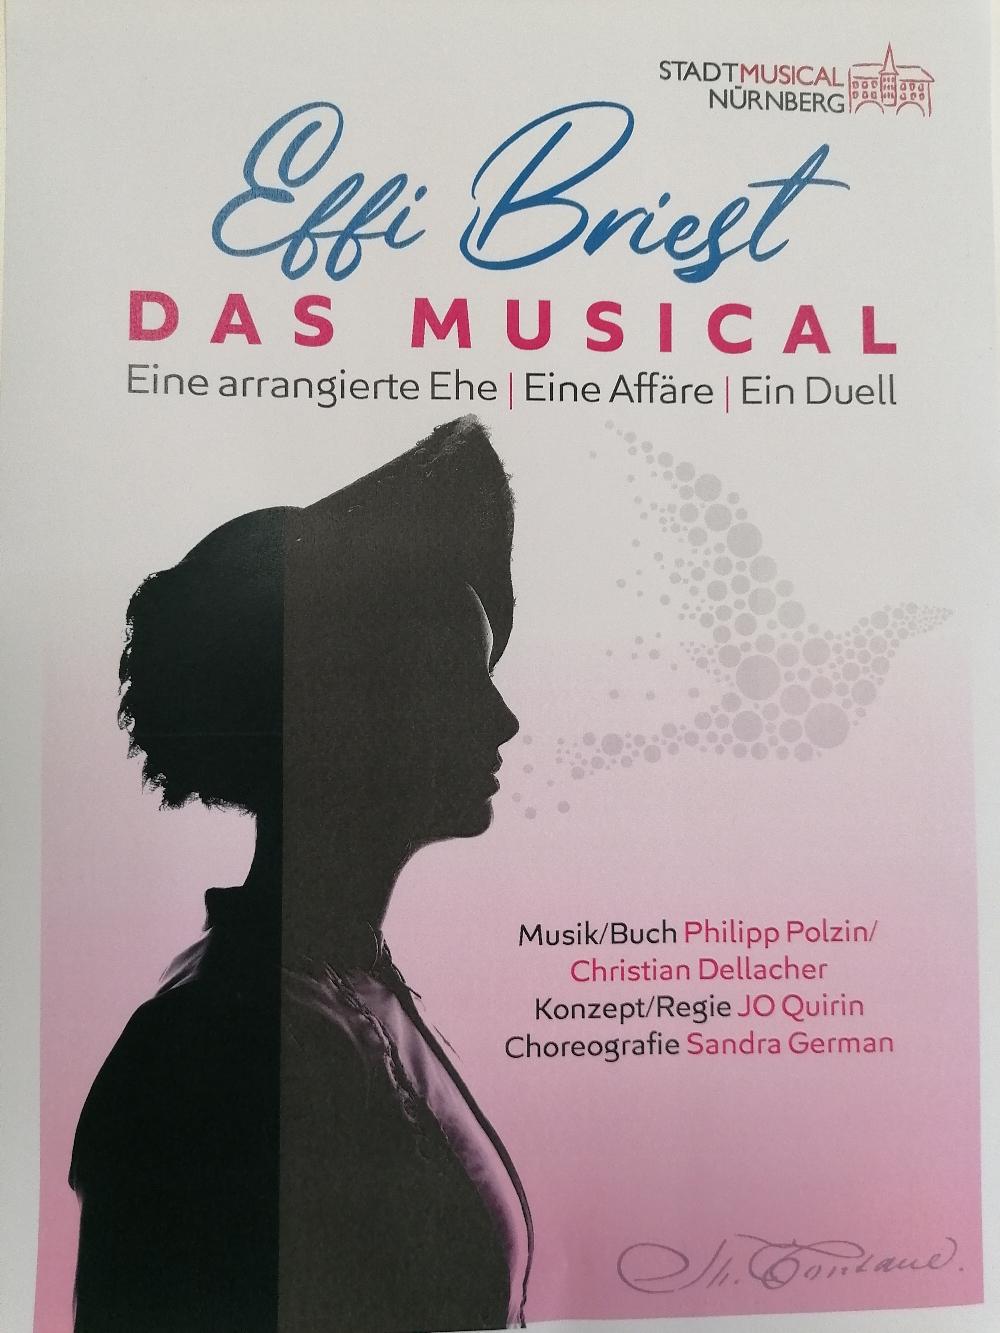 Wir legen los! Eine neue Uraufführung wartet. Ab November 2021. Informationen, Tickets und News unter www.stadtmusical.de